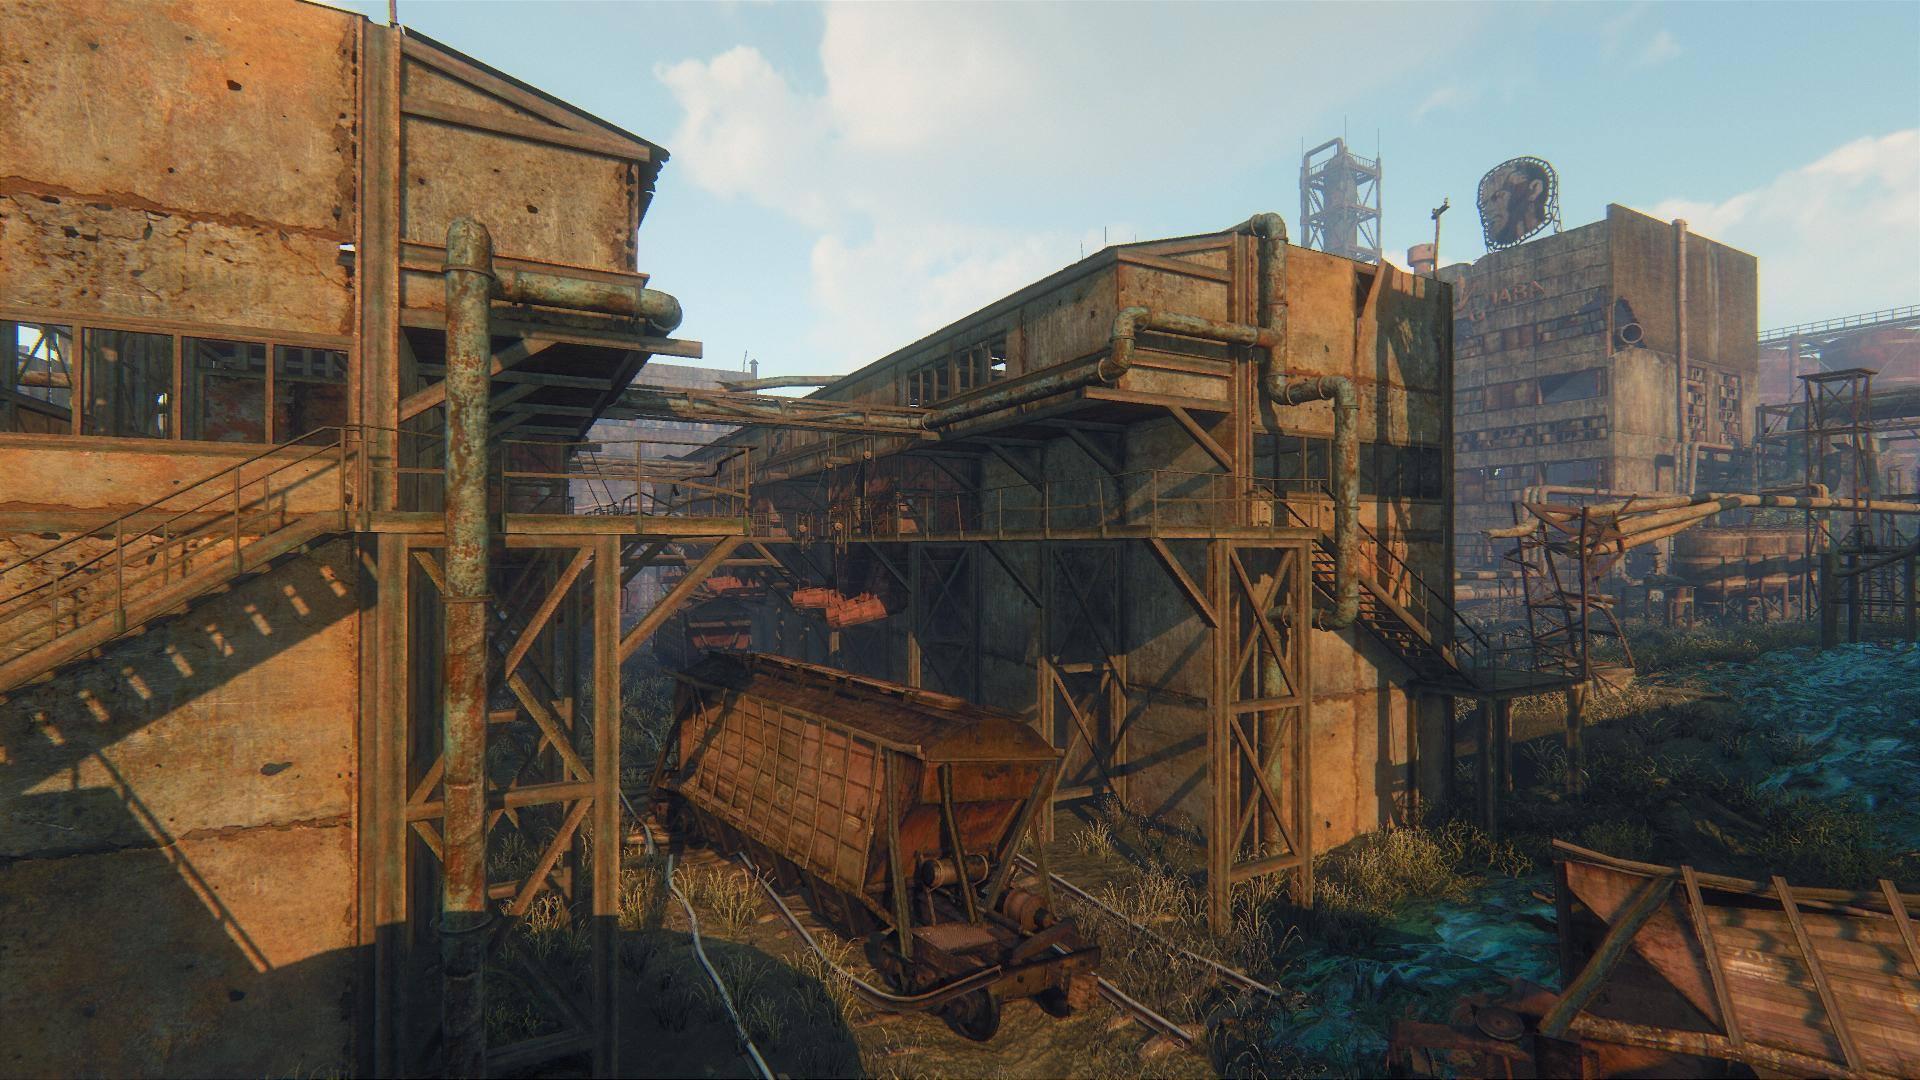 Zarostlé a rozpadající se budovy v Survarium 90477